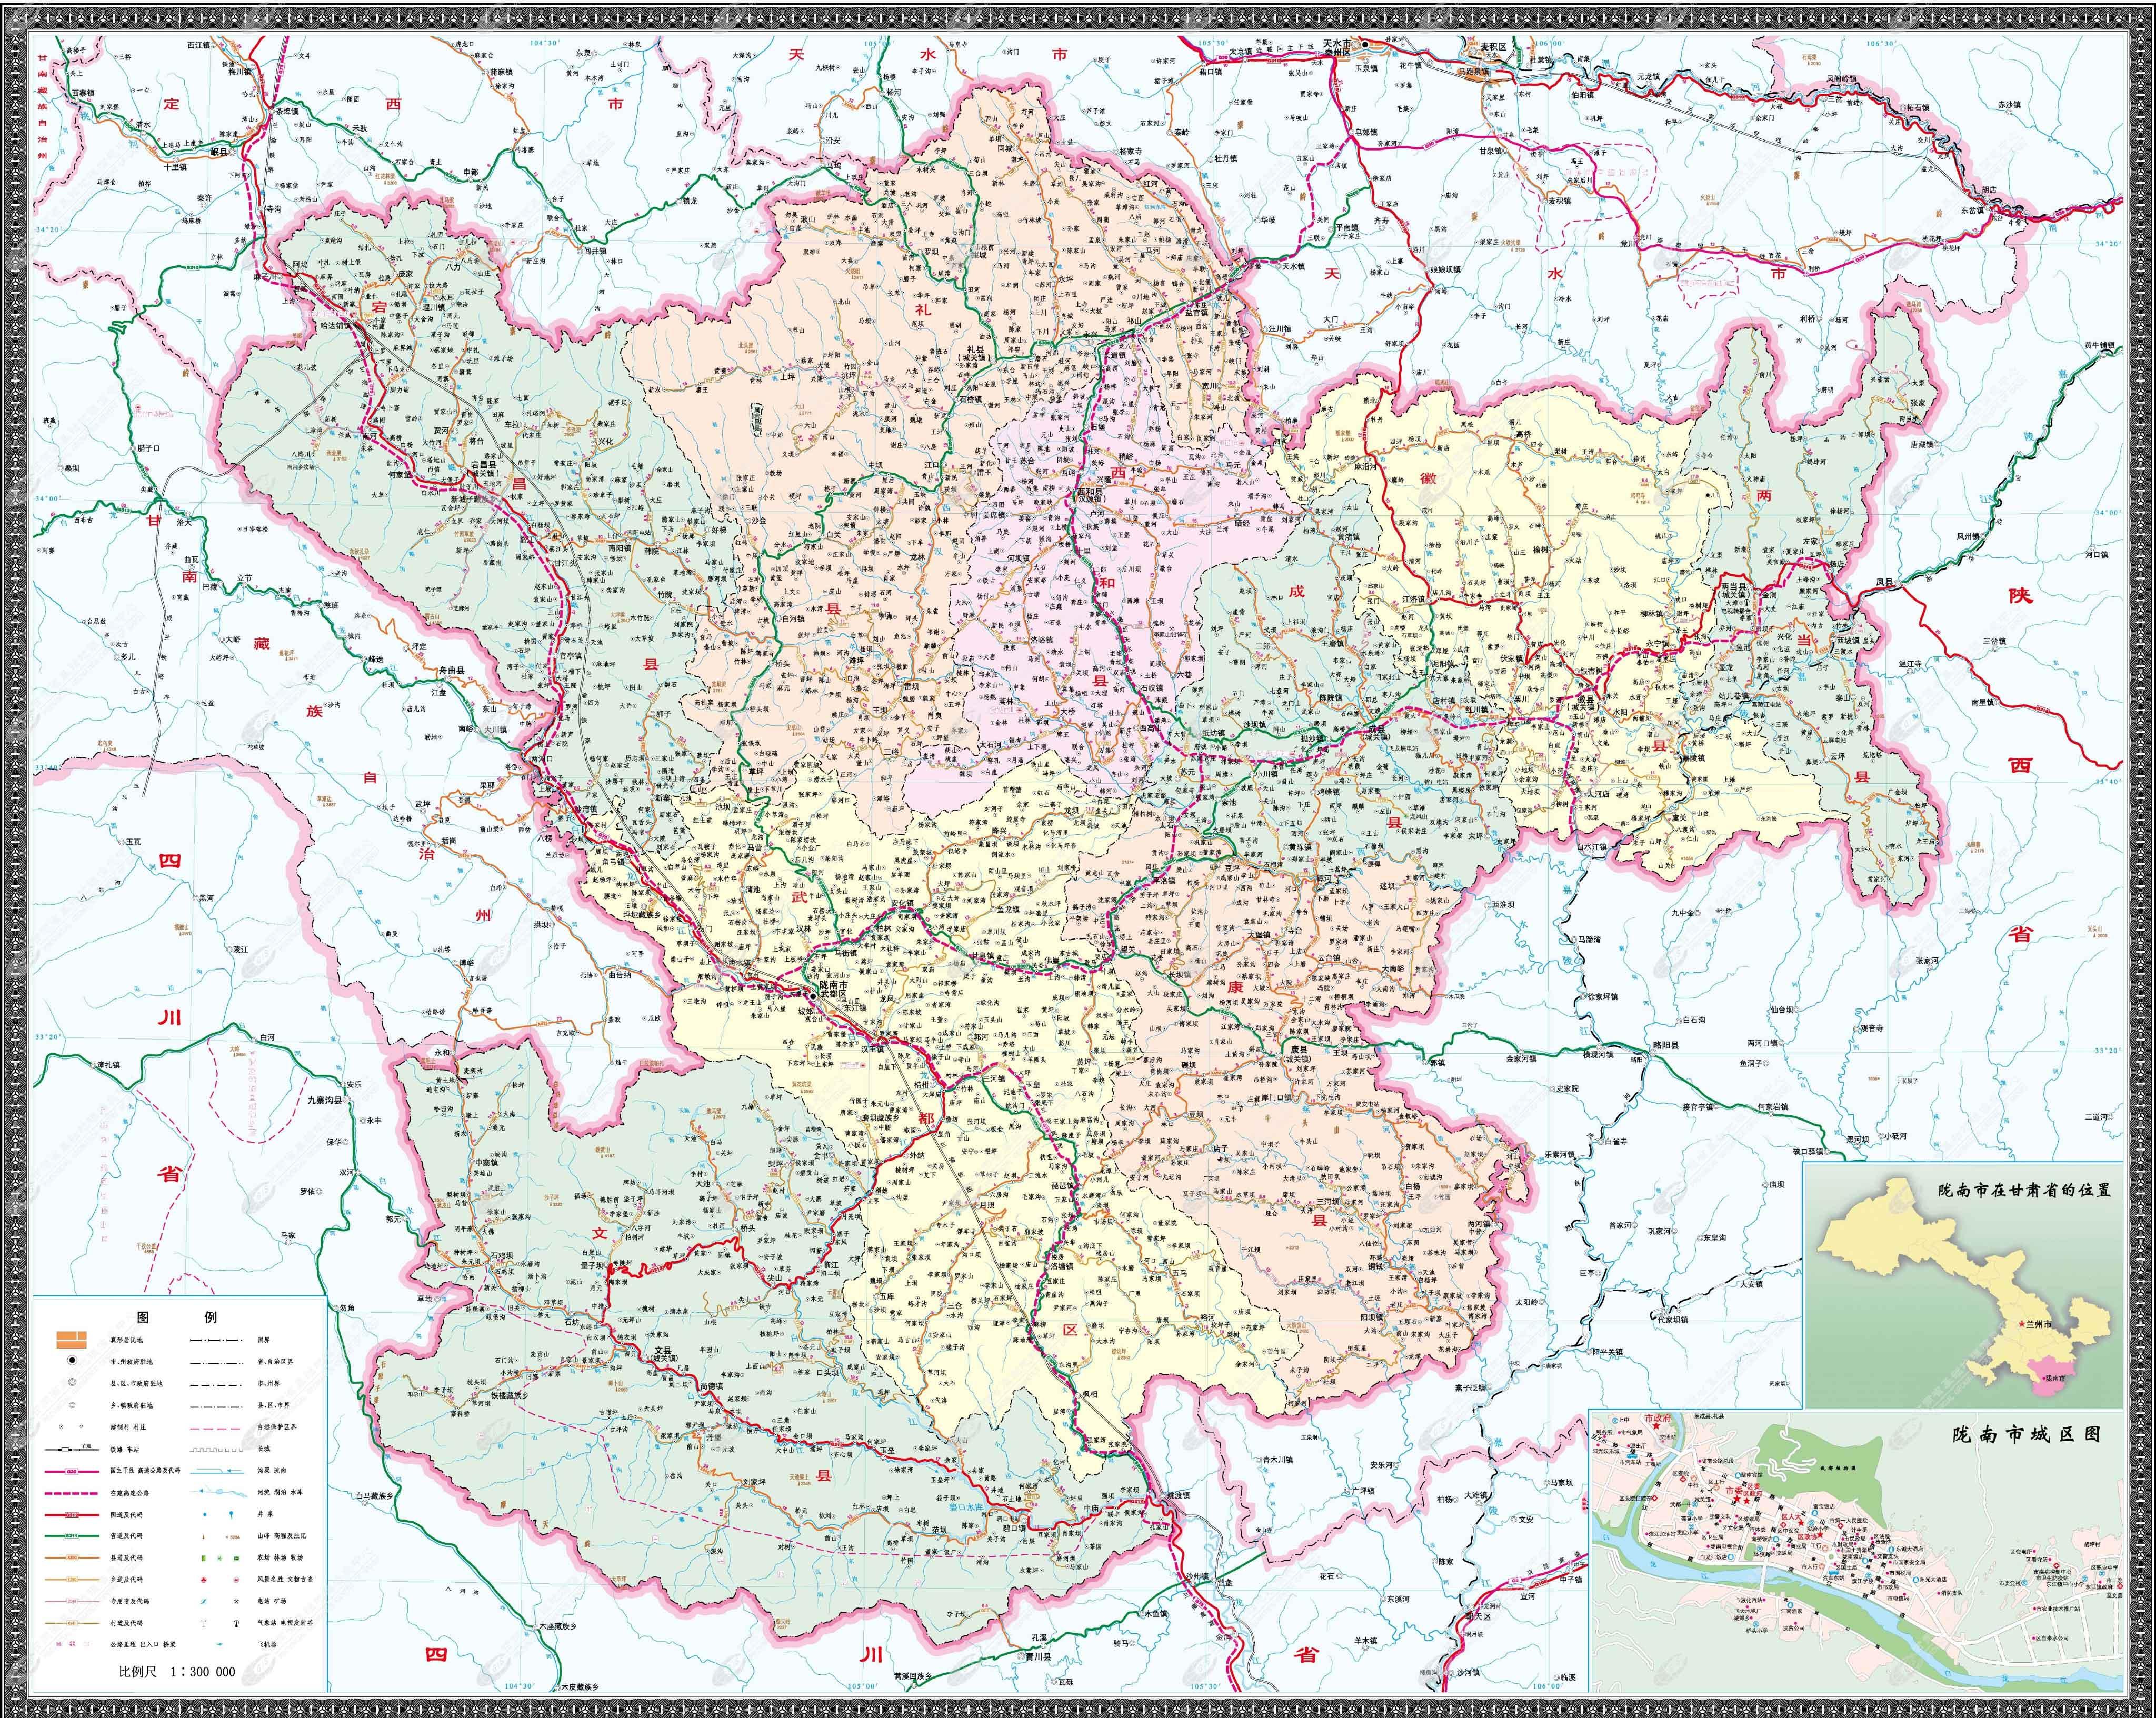 陇南市地图高清版 陇南地区区划交通地图 甘肃省陇南市西和县行  &